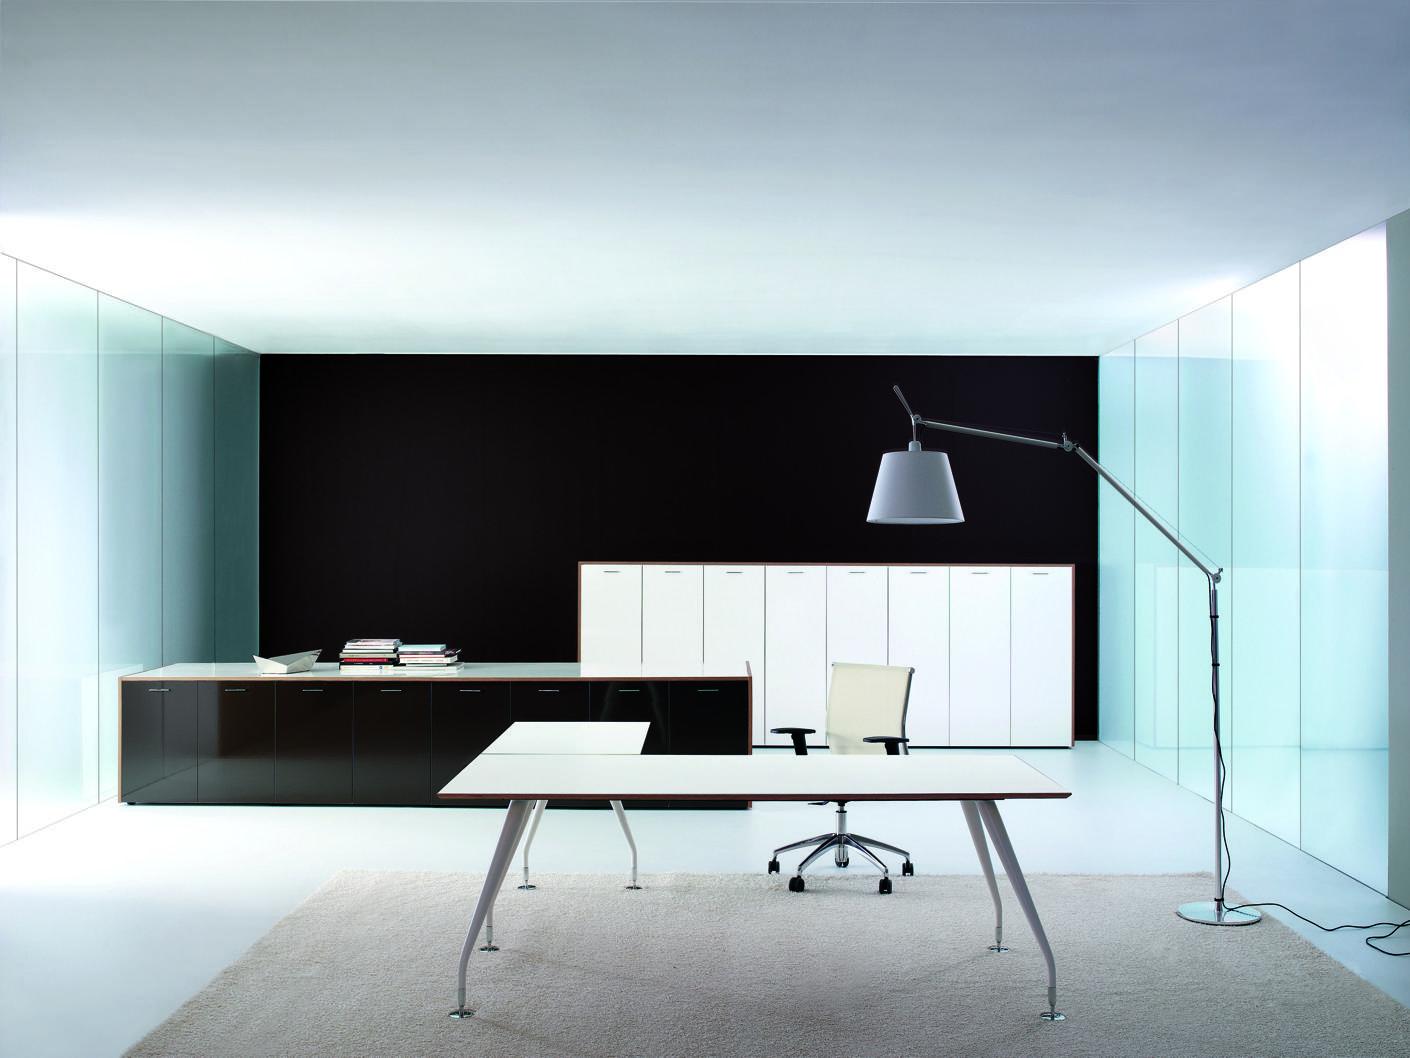 Biwo tu nueva oficina oficinas y despachos serie miro for Oficina santander